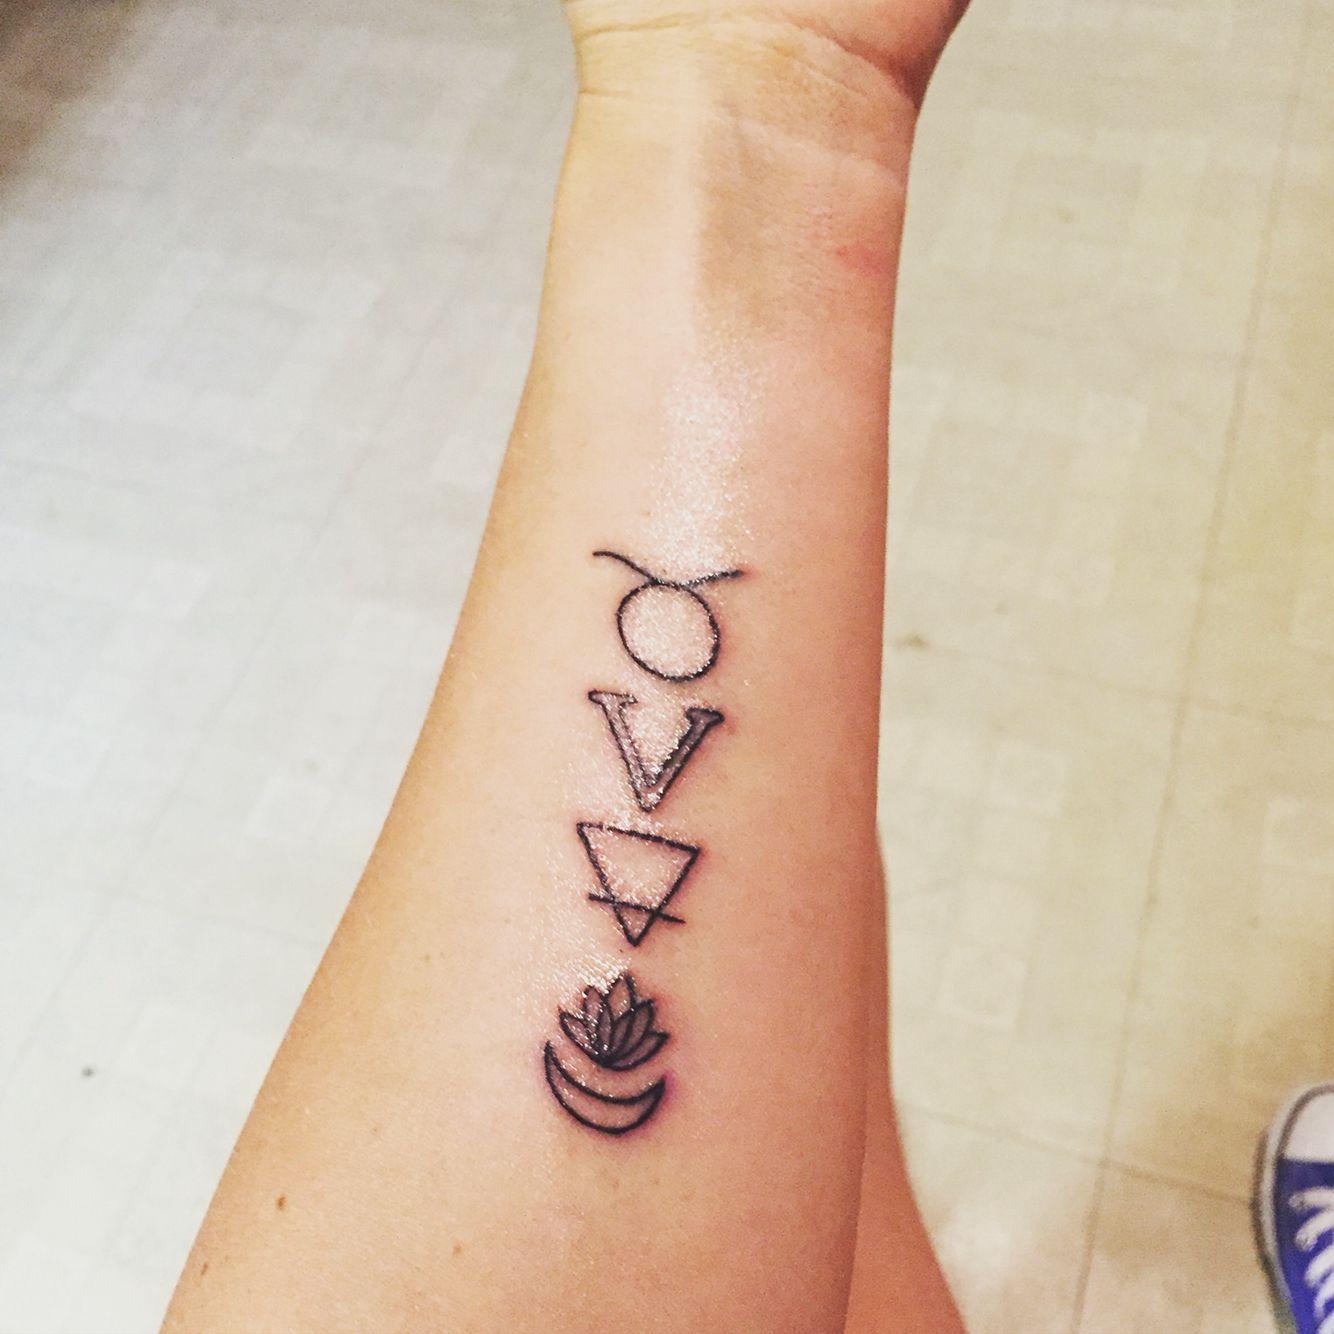 My Taurus tattoo | Tattoo Ideas | Taurus tattoos, Tattoos, Horoscope ...